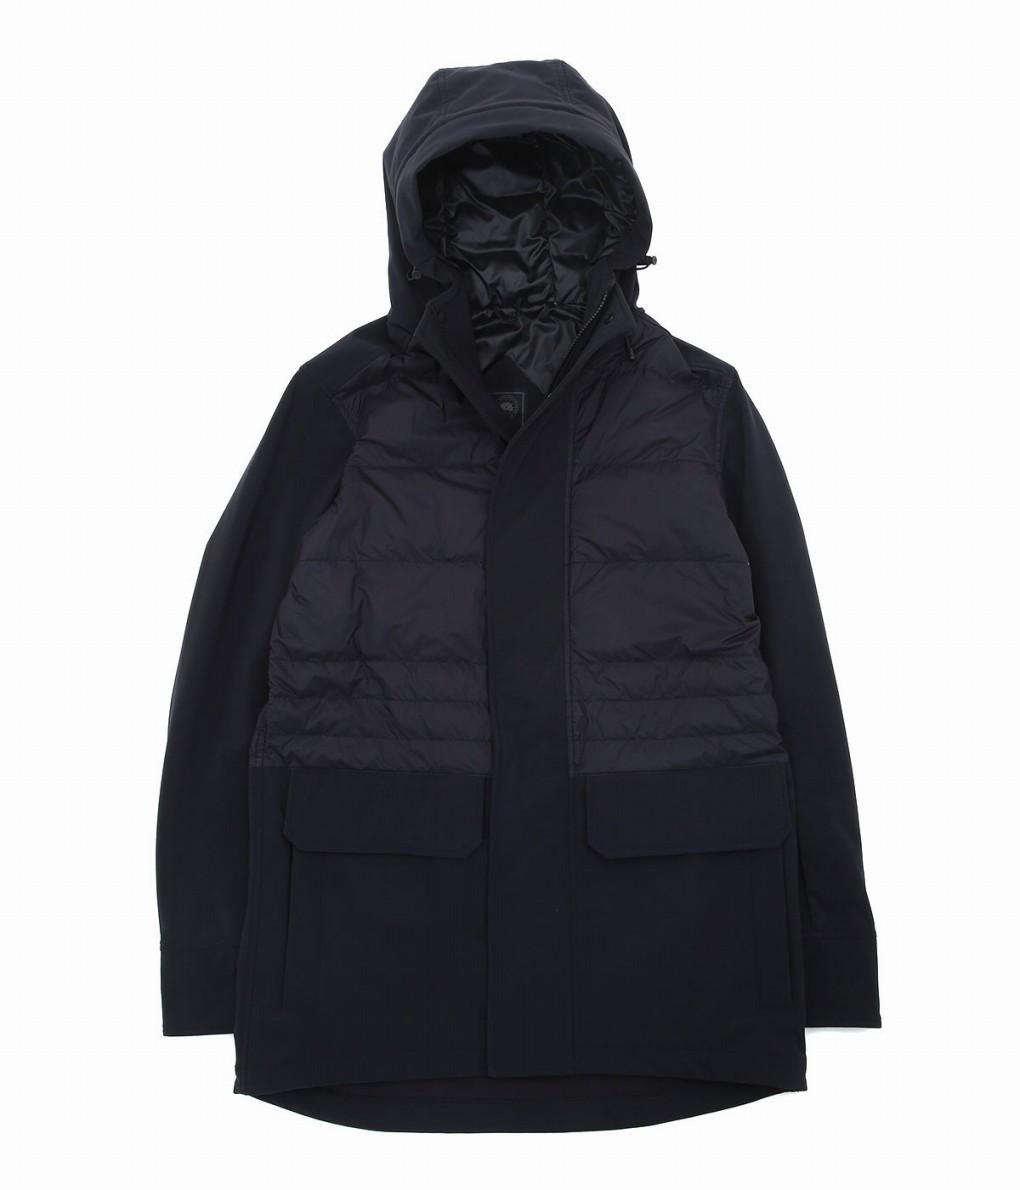 CANADA GOOSE / カナダグース : BRETON COAT BLACK LABEL : ジャケット アウター メンズ コート ブラックレーベル メンズ : 2215MB 【STD】